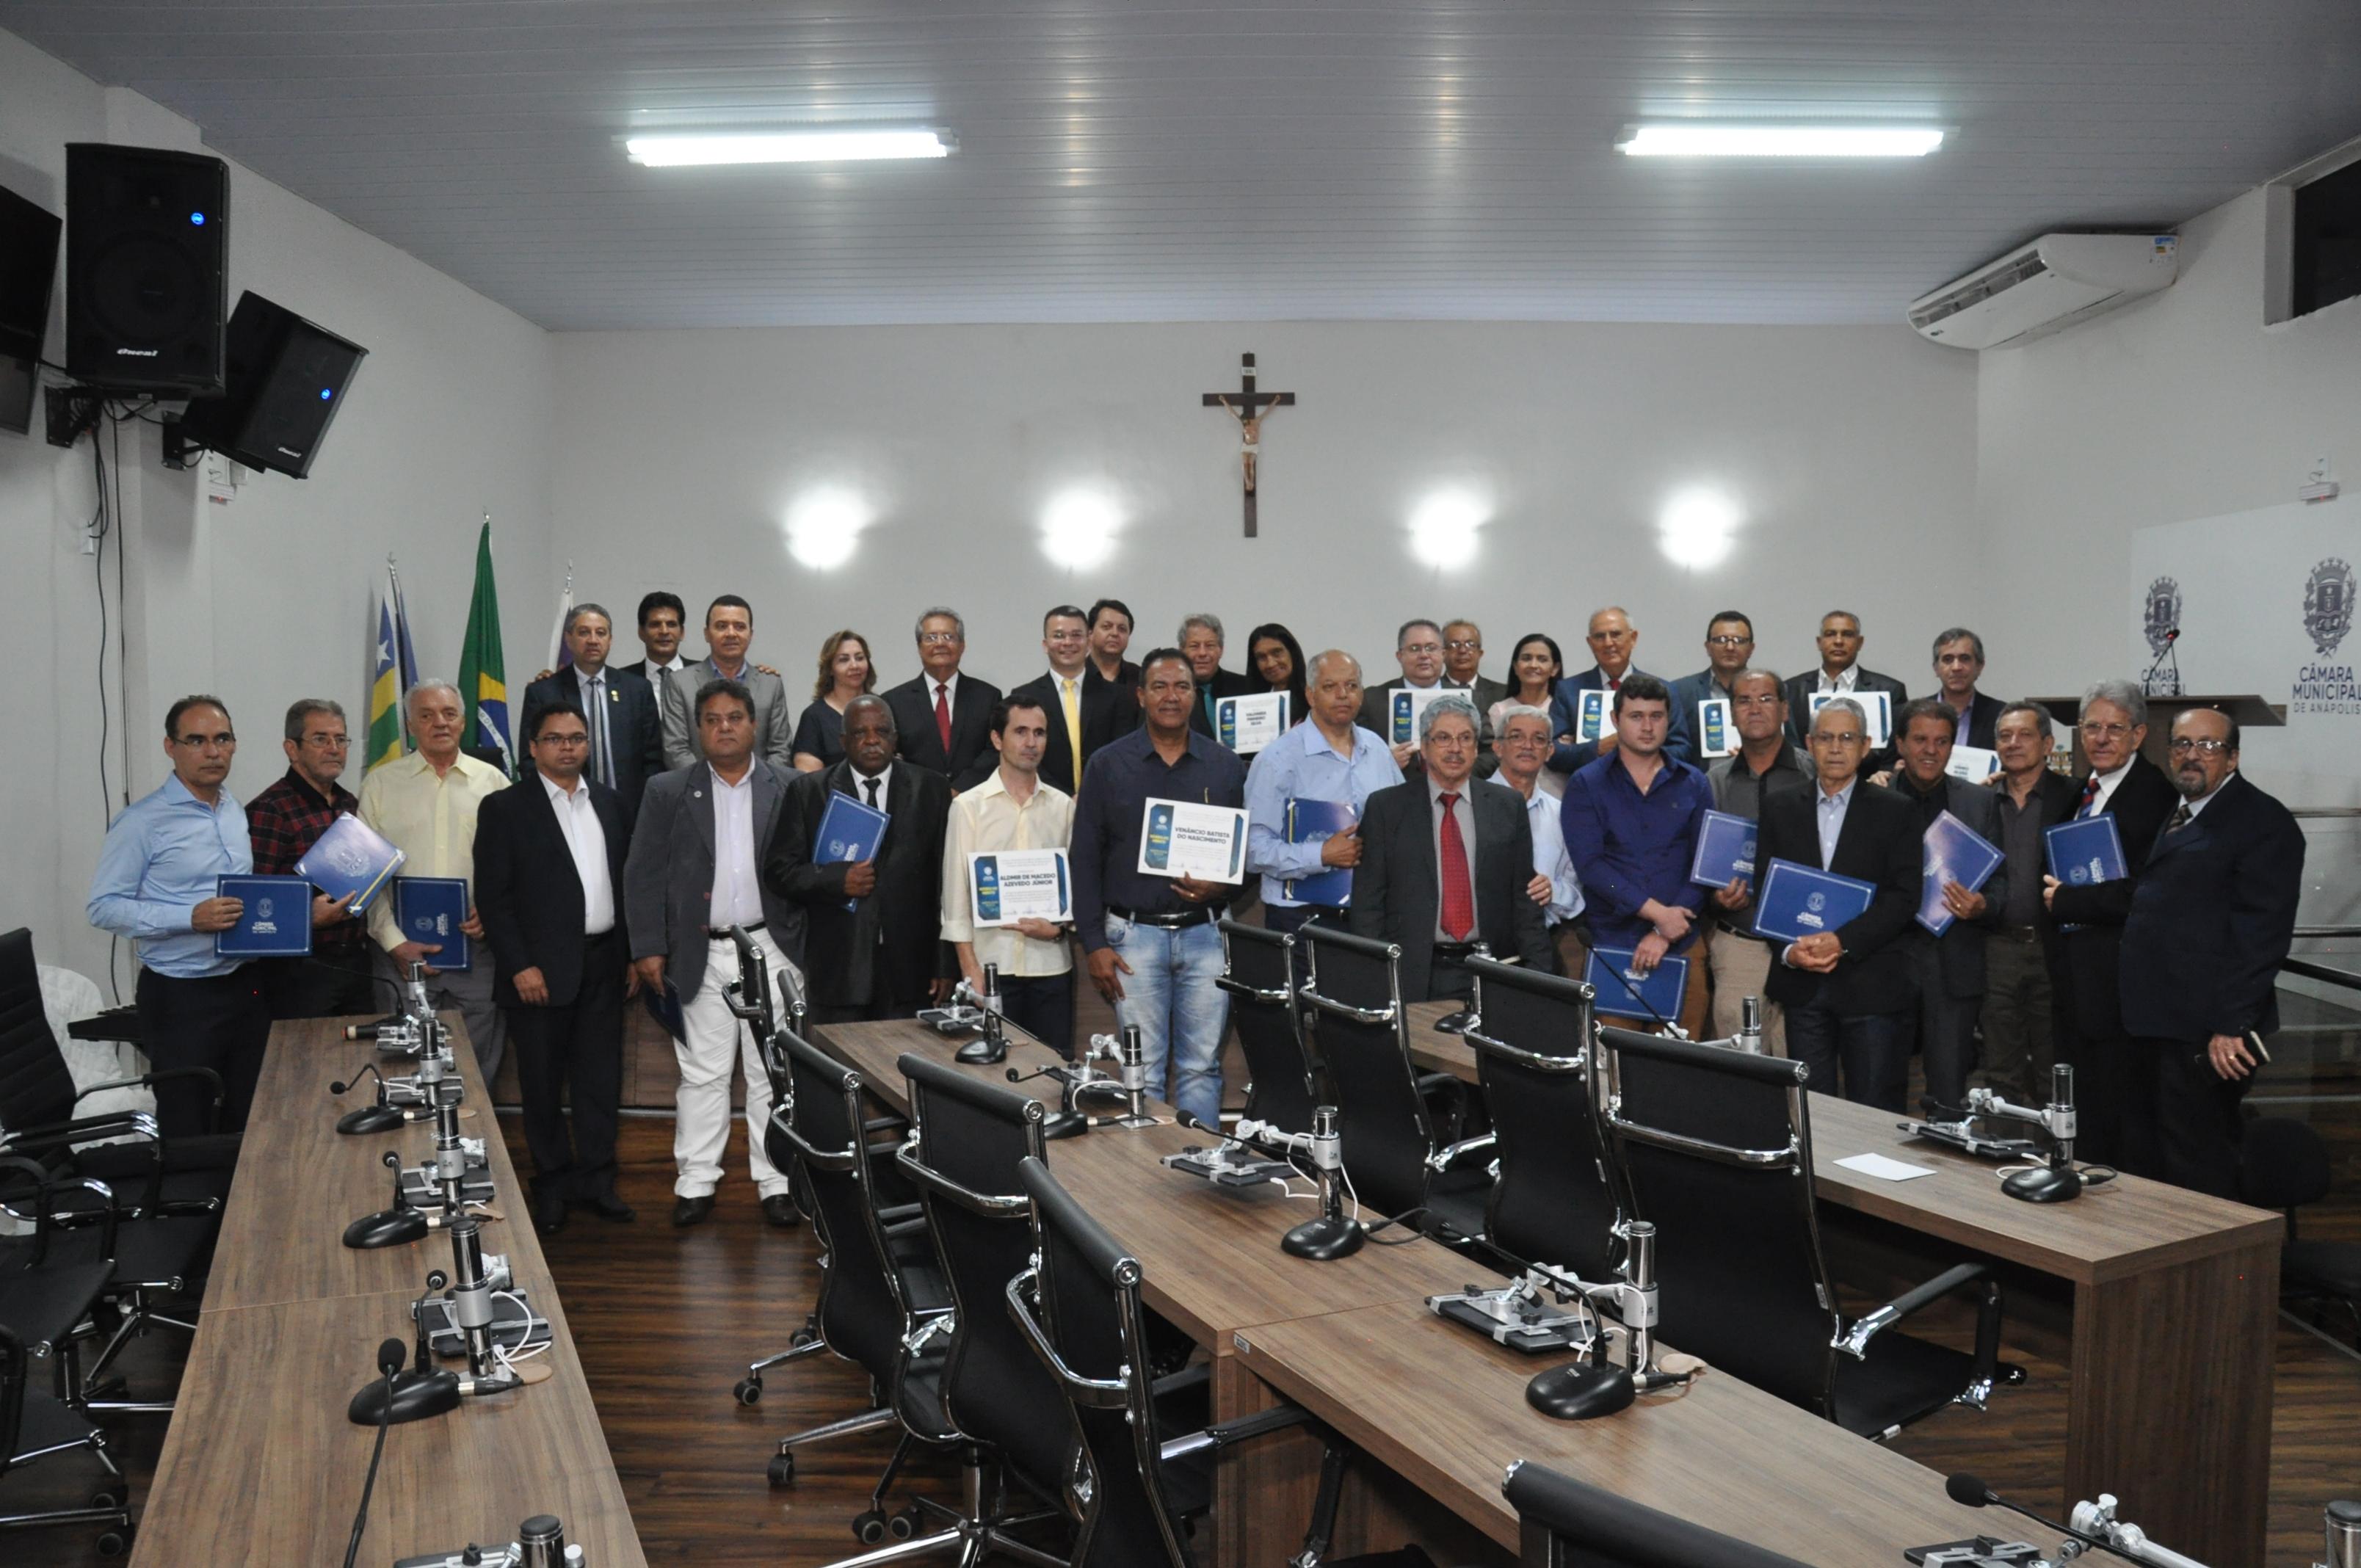 Câmara homenageia 79 anos de fundação da Assembleia de Deus em Anápolis e 70 anos do Pastor José Clarimundo César